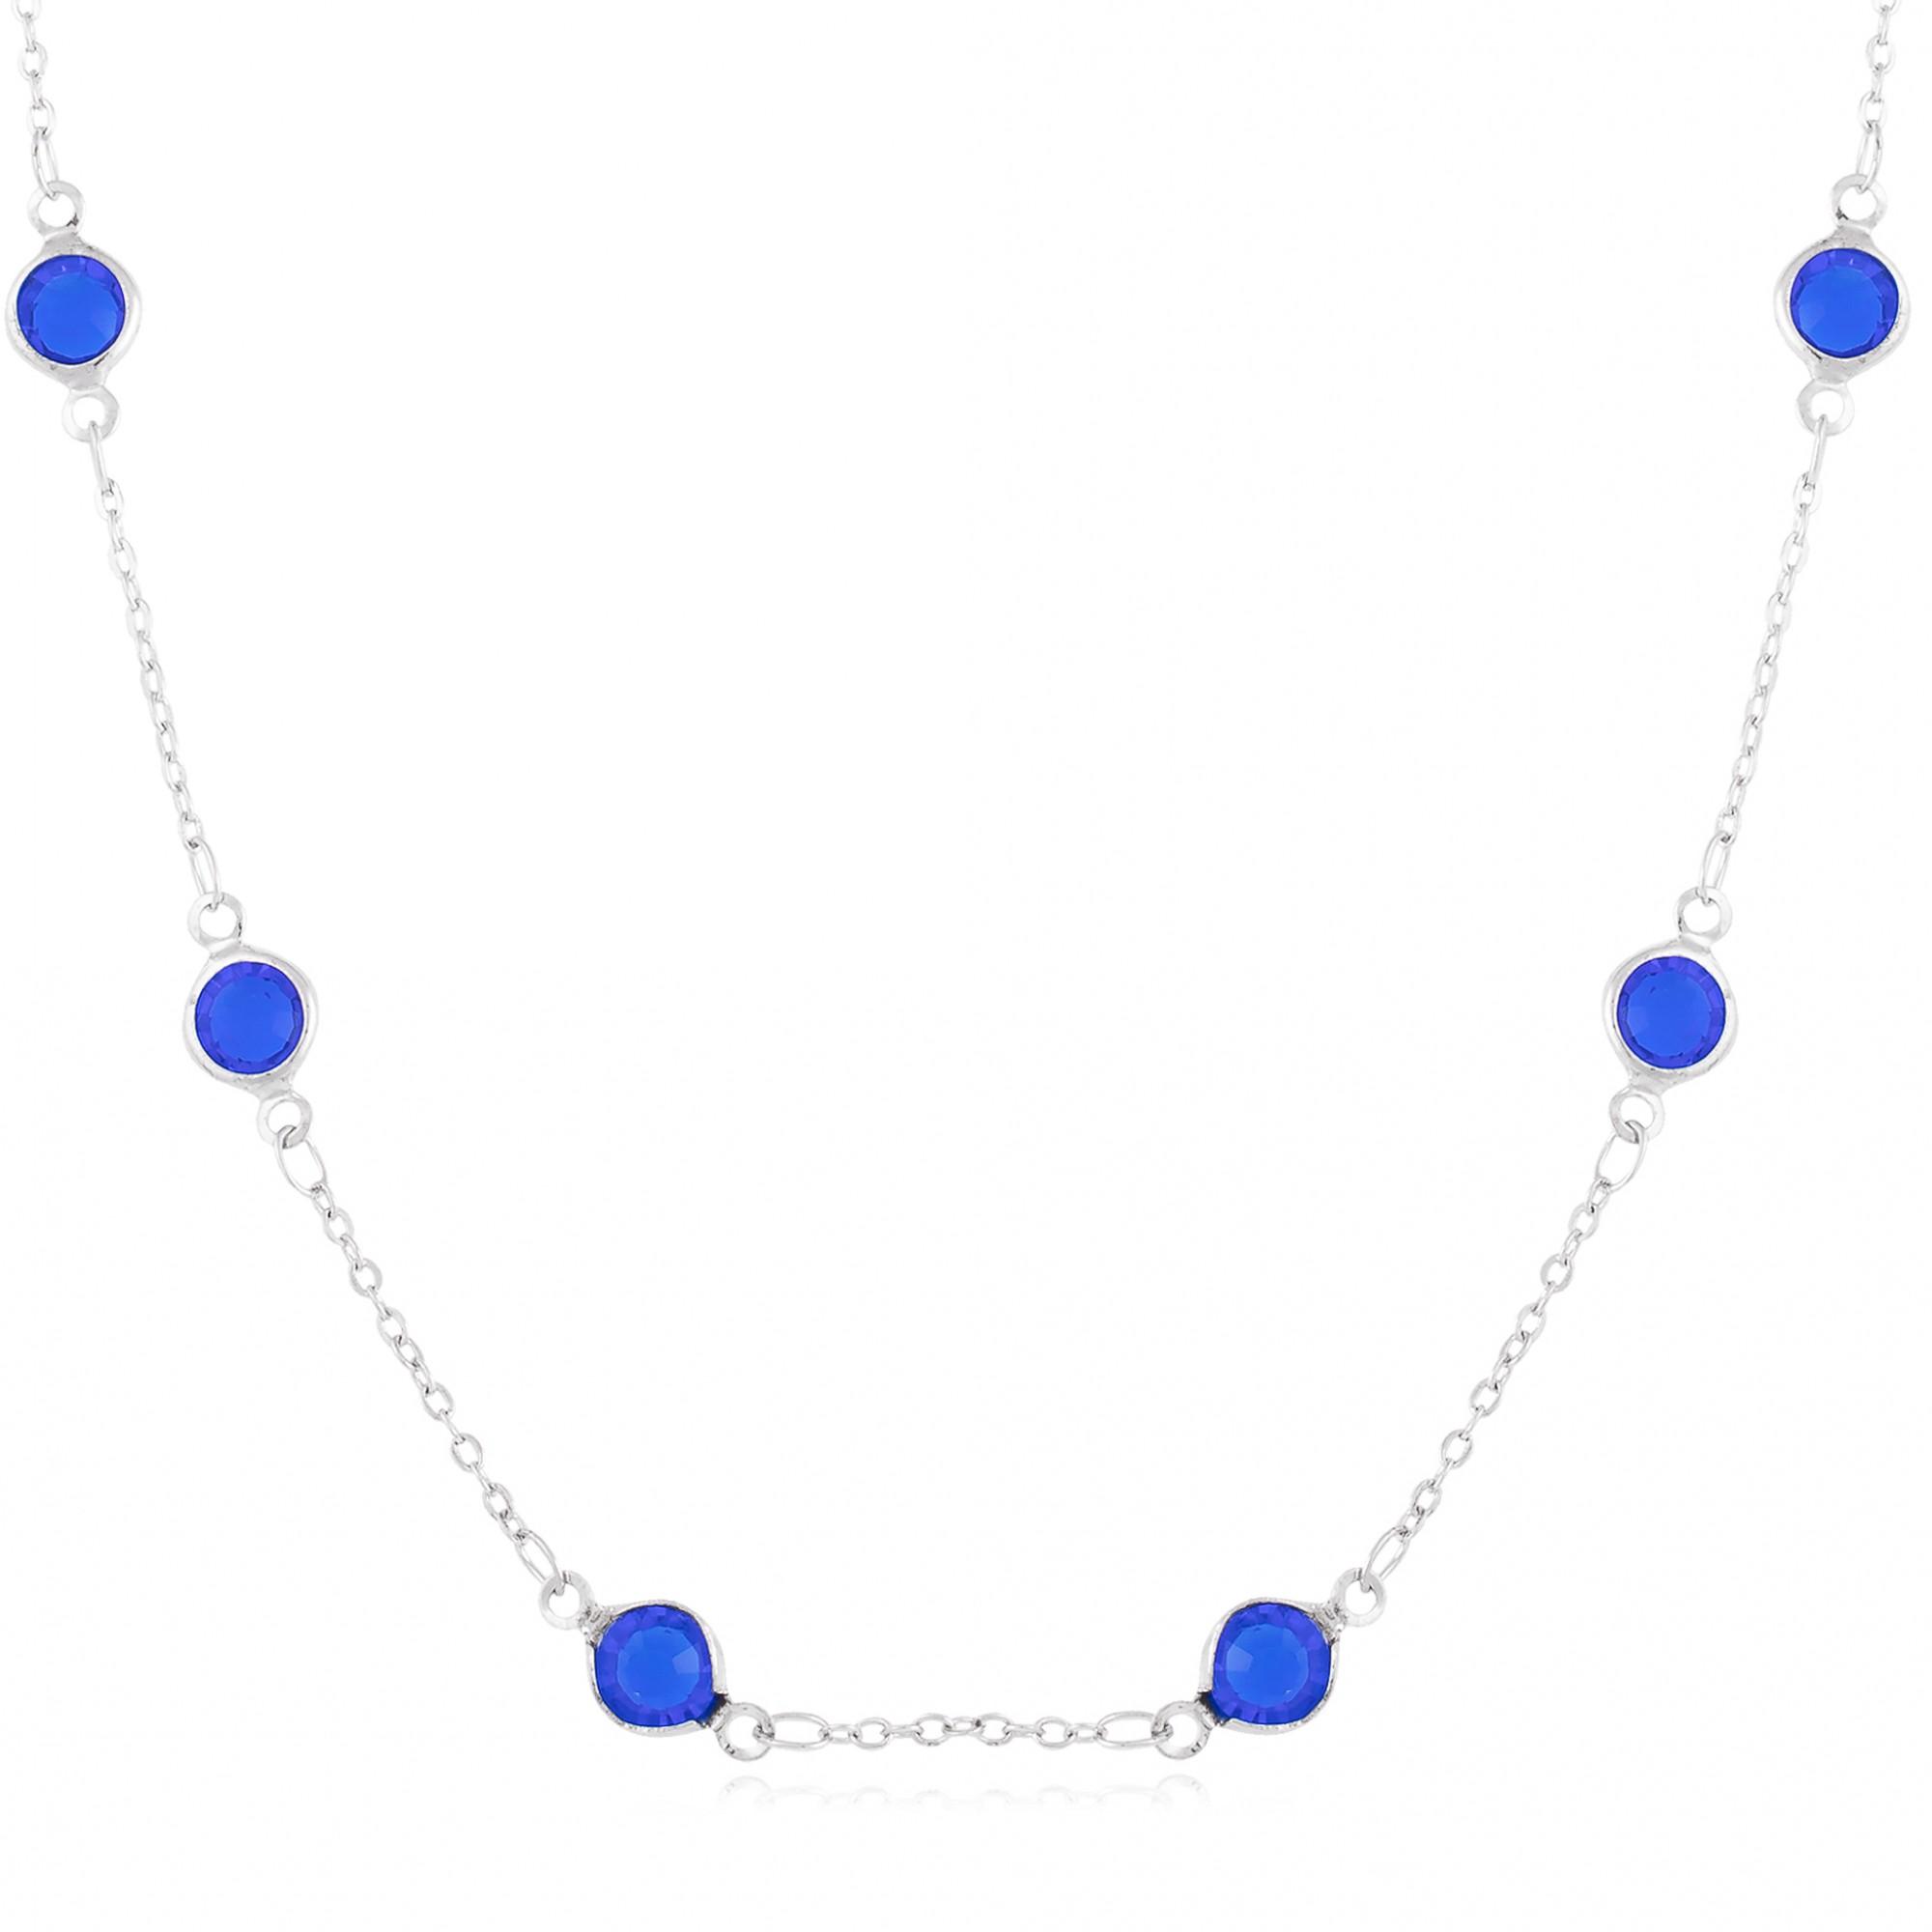 Colar cristais azul banho de ródio branco.  - romabrazil.com.br